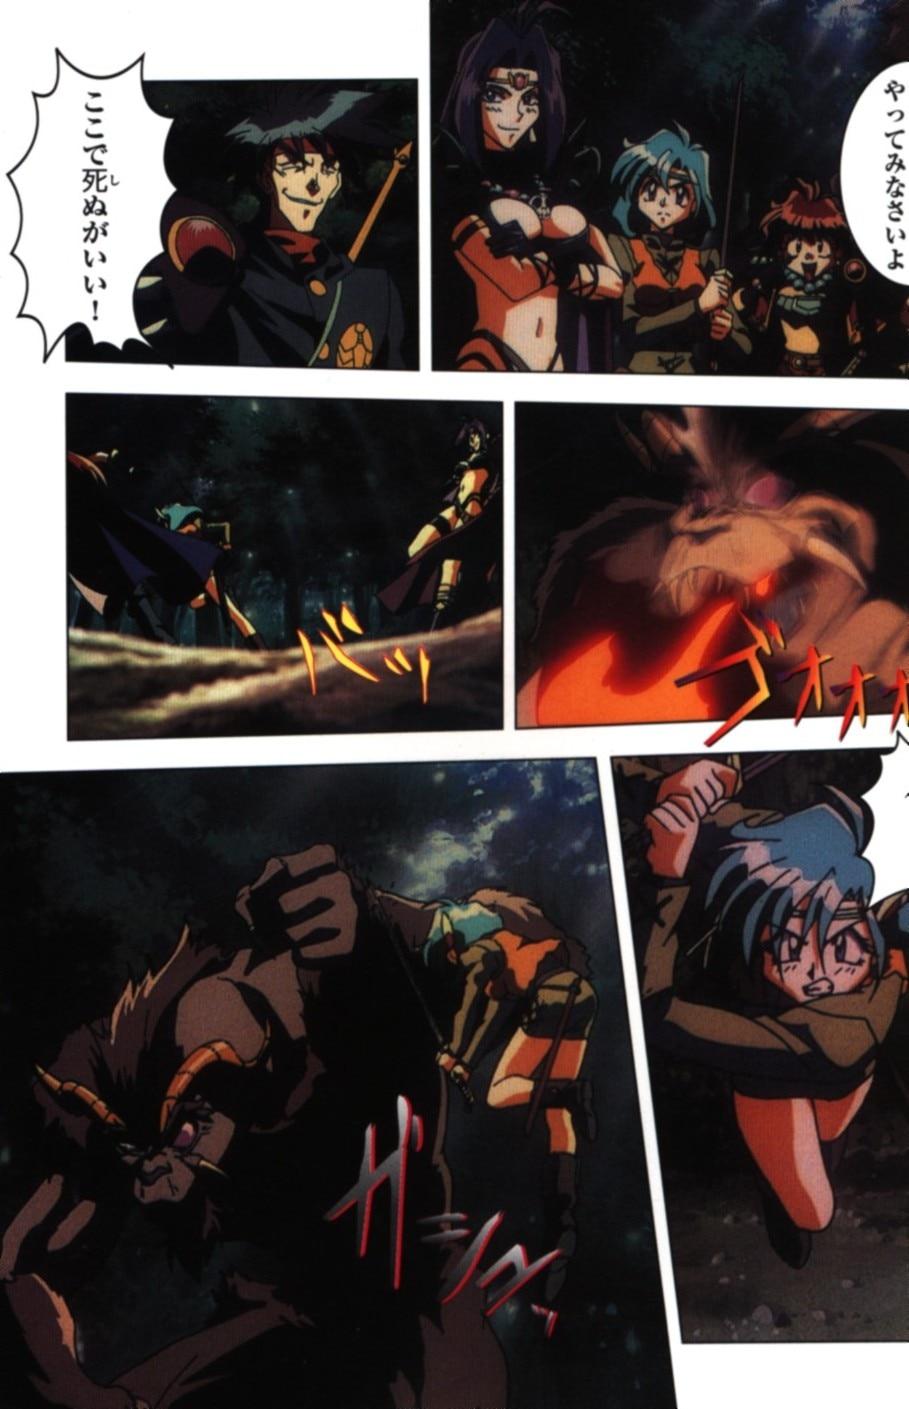 富士見書房 ドラゴンマガジンコレクションSP ドラゴンマガジン編集部・編 スレイヤーズRETURN アニメコミック